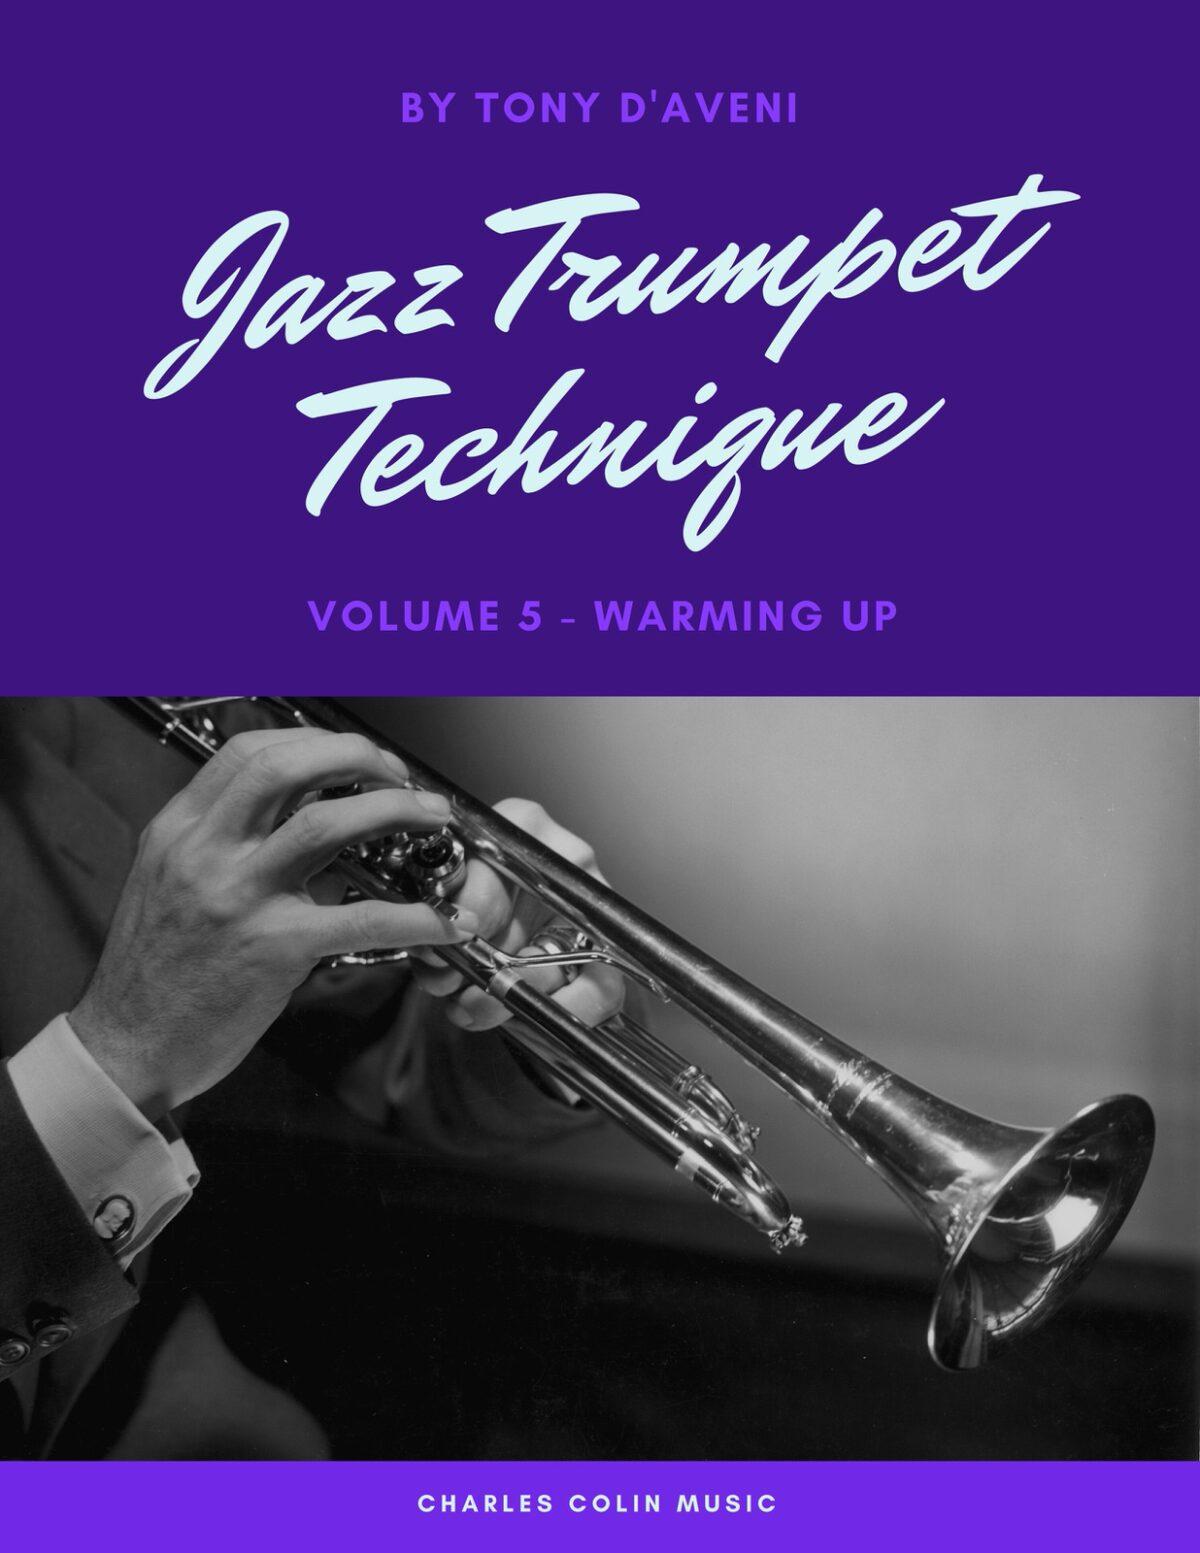 D'Aveni, Jazz Trumpet Technique Vol.5 Warming Up-p01